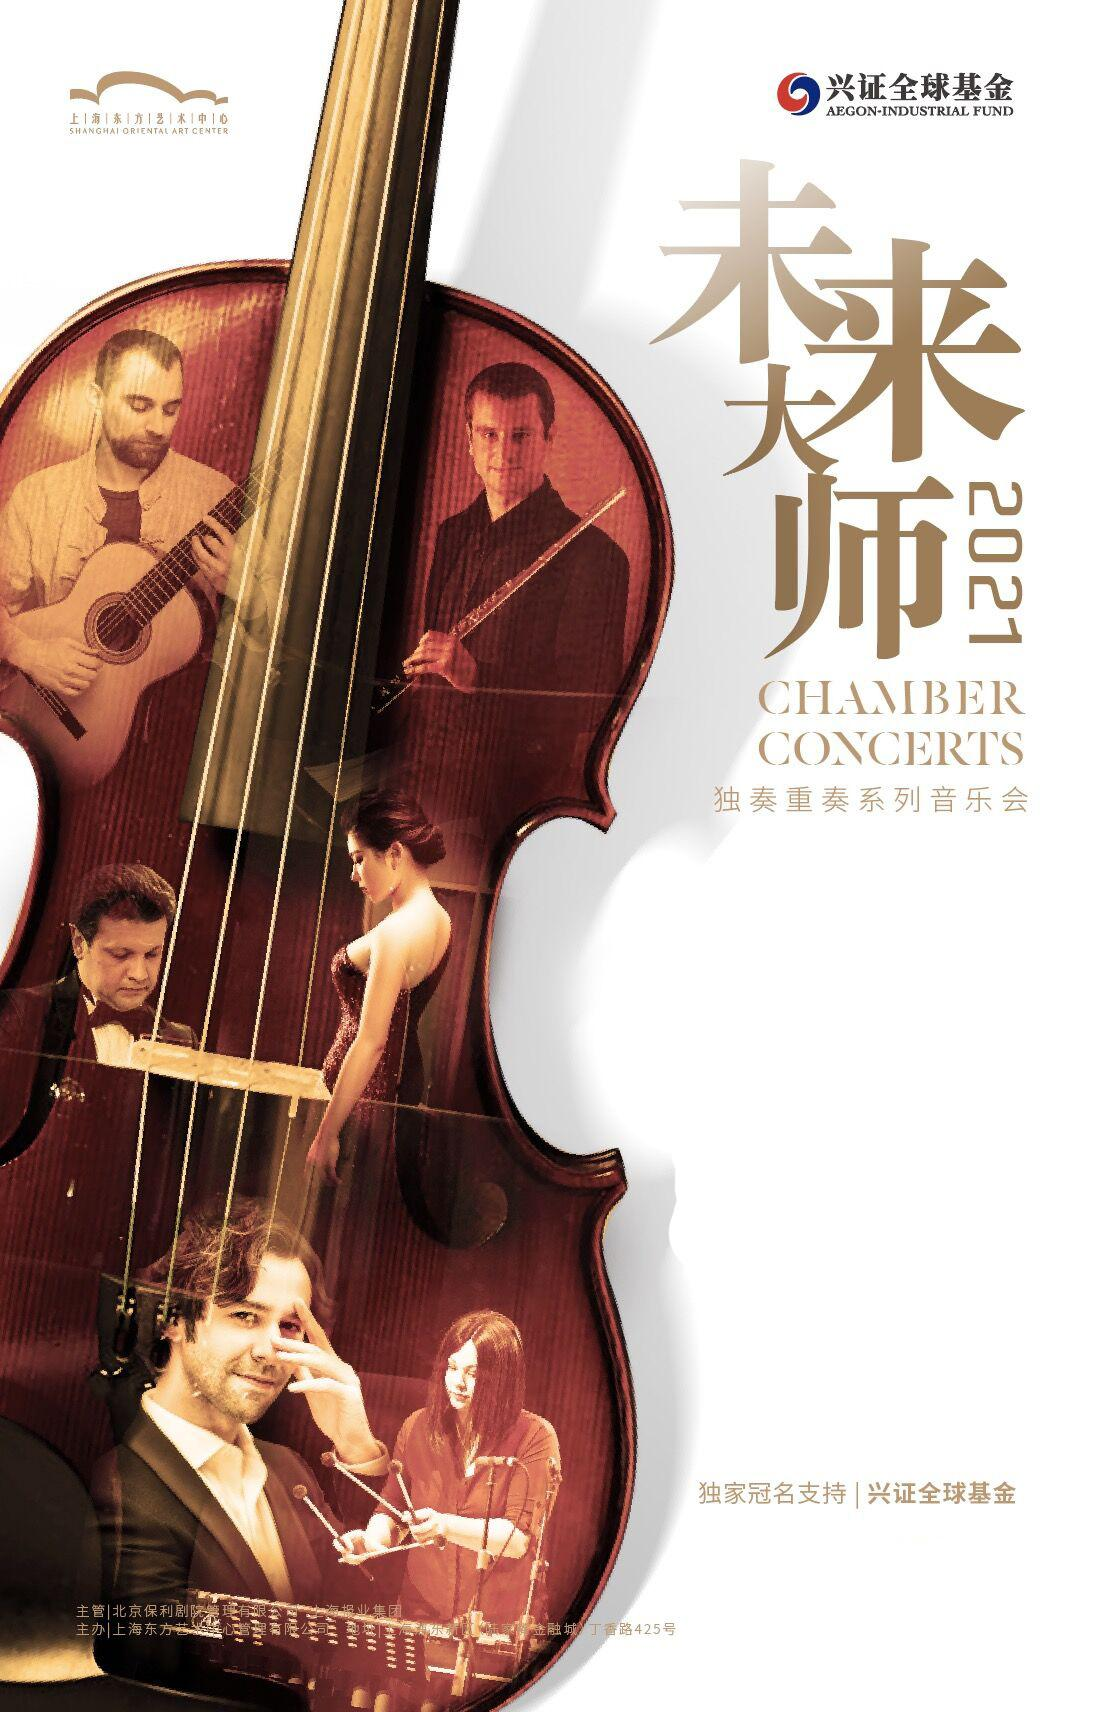 【上海站】未来大师 指尖上的浪漫I——旅德古典吉他演奏家吴曼妮独奏音乐会